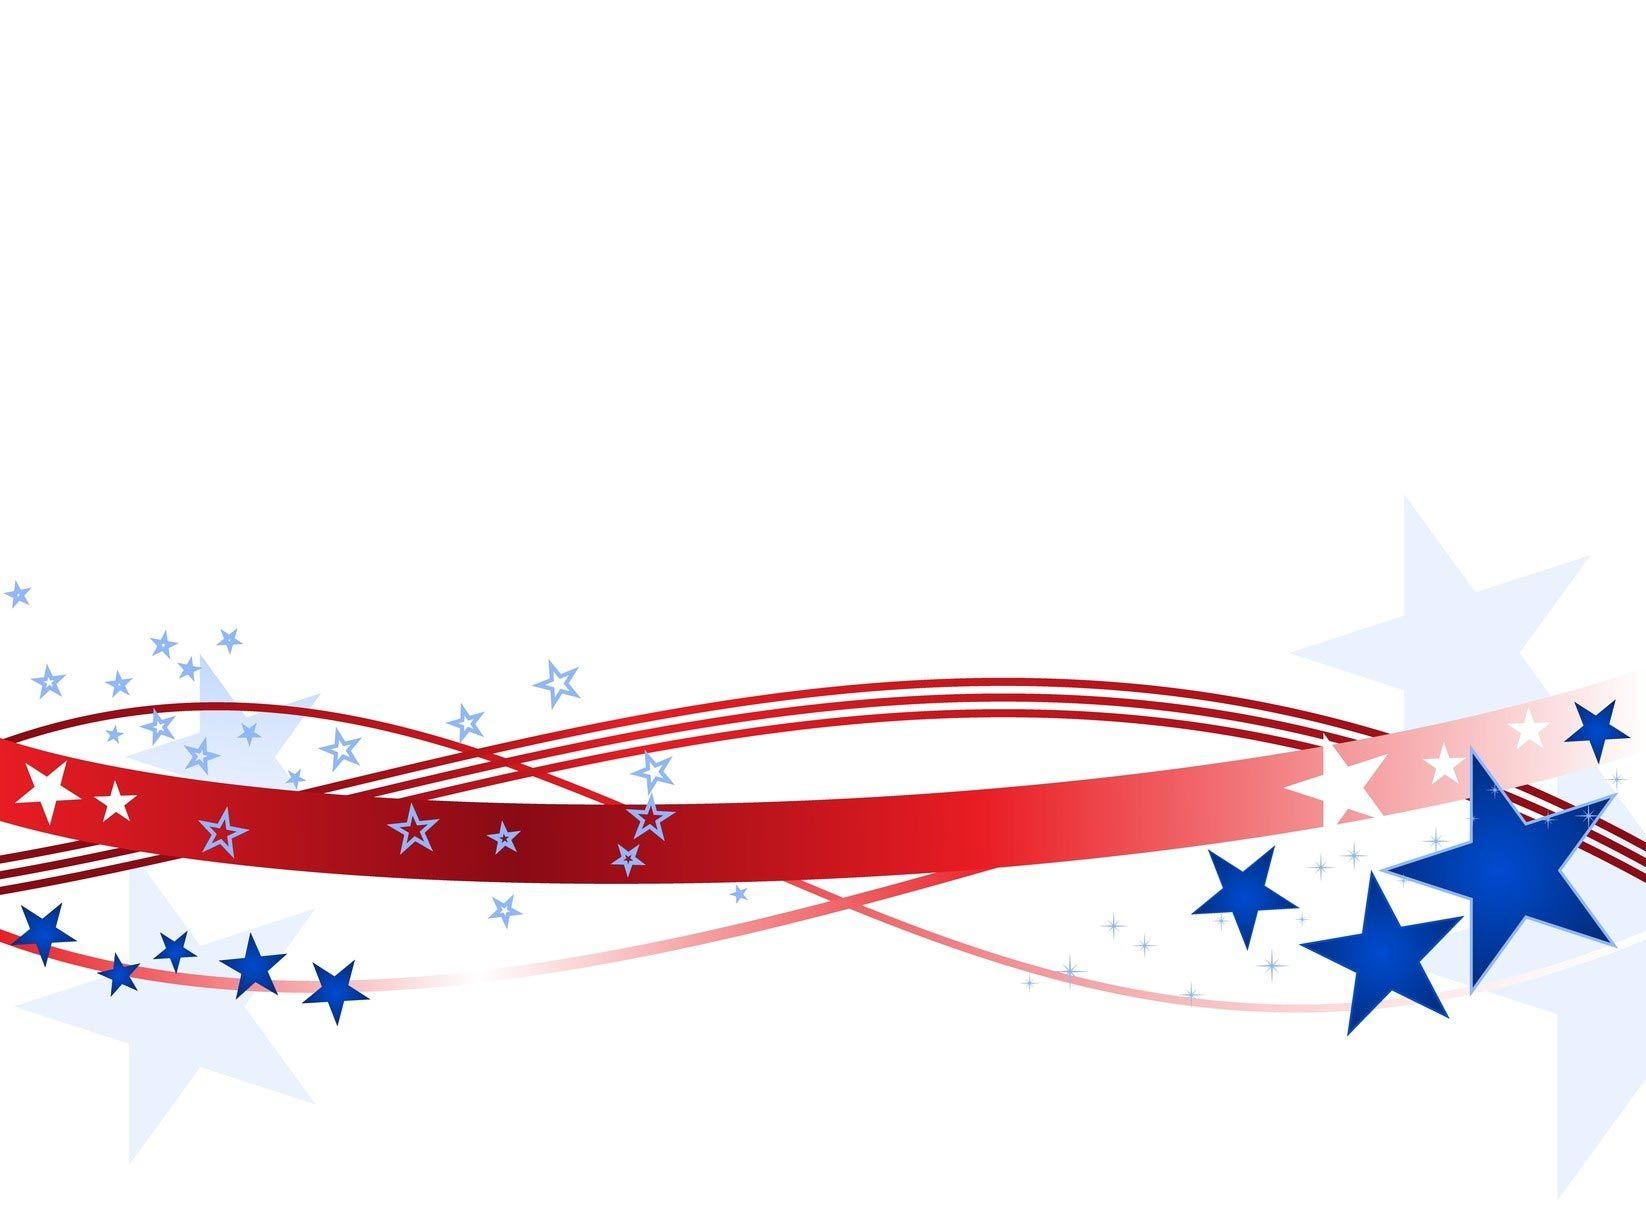 patriotic images free.